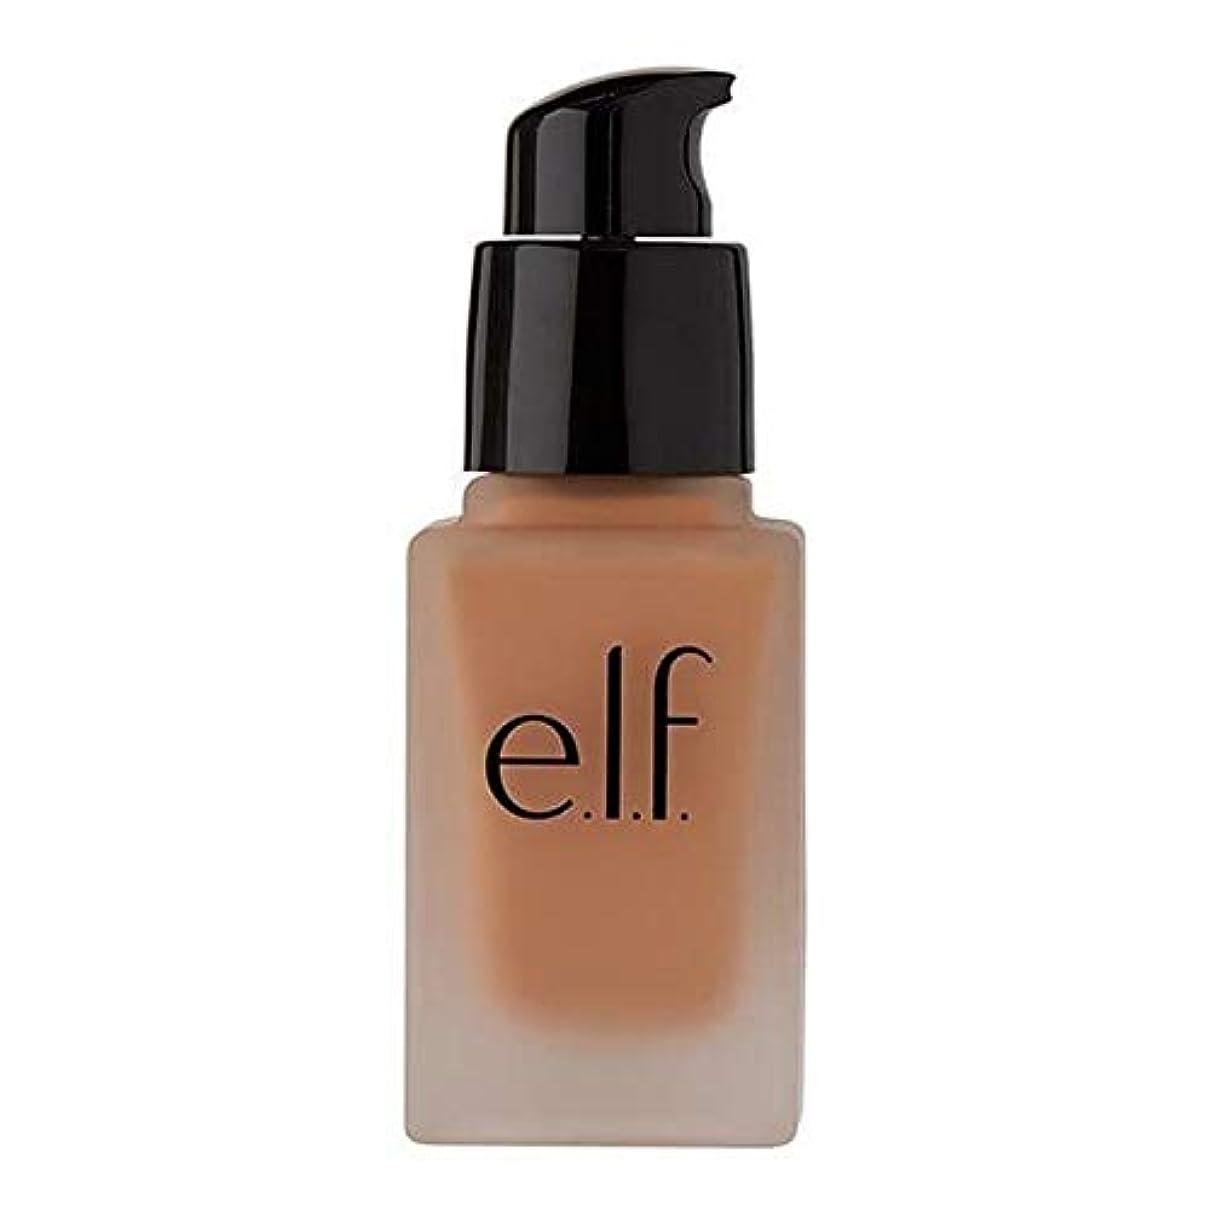 怒り圧倒する甘くする[Elf ] エルフ。完璧な仕上がりのファンデーションSpf 15キャラメル - e.l.f. Flawless Finish Foundation SPF 15 Caramel [並行輸入品]